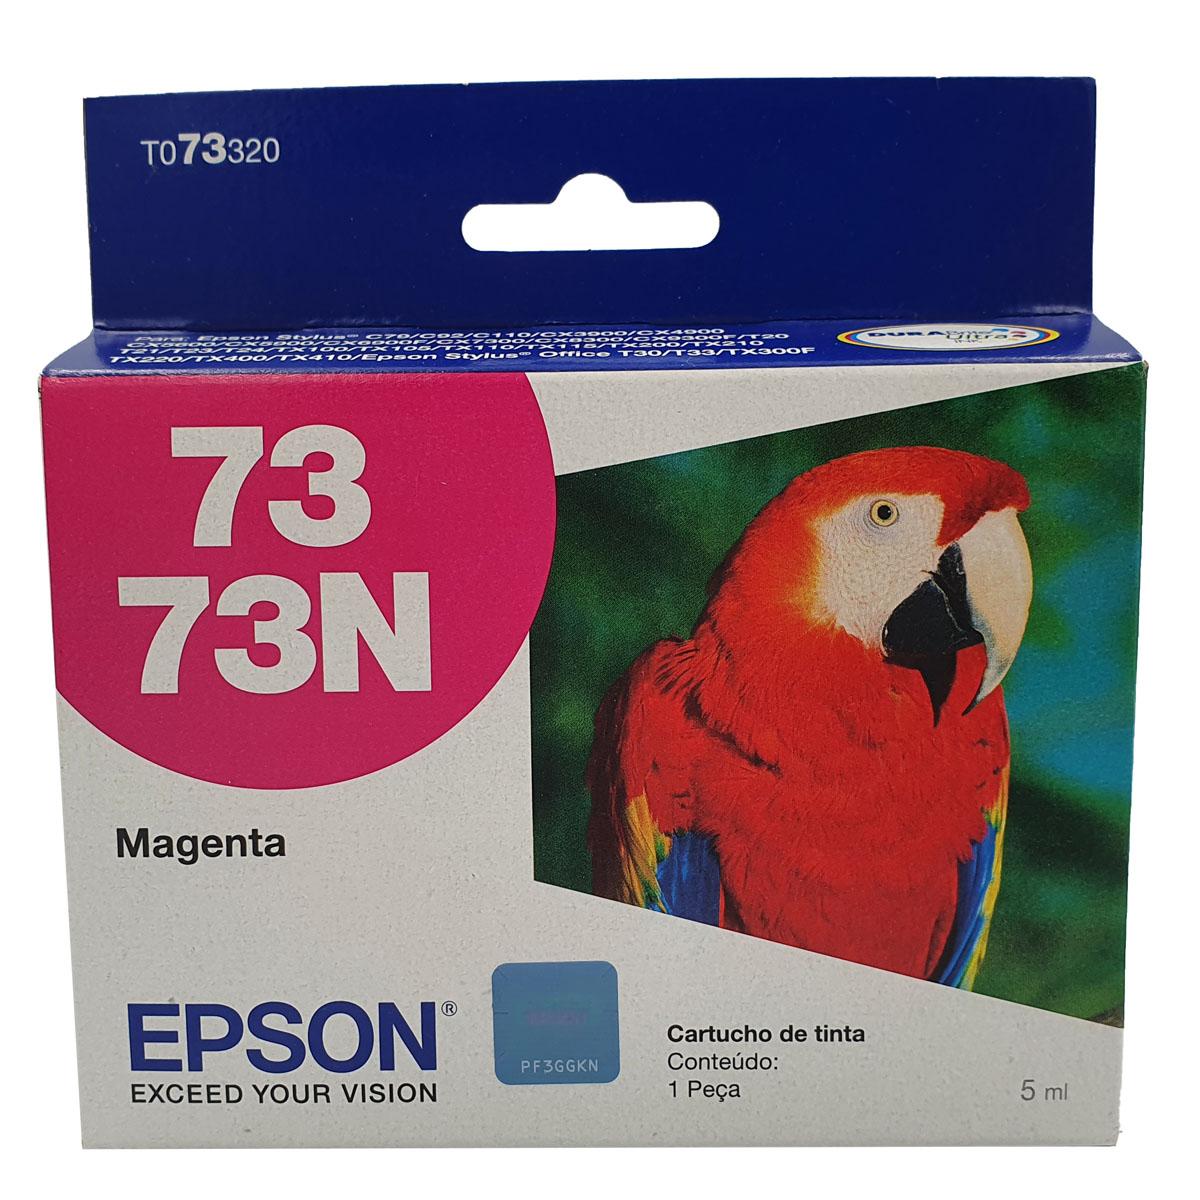 Cartucho EPSON T073320 TO733 73N Magenta para C92 c110 CX5600 TX300 CX4900 T24 T33